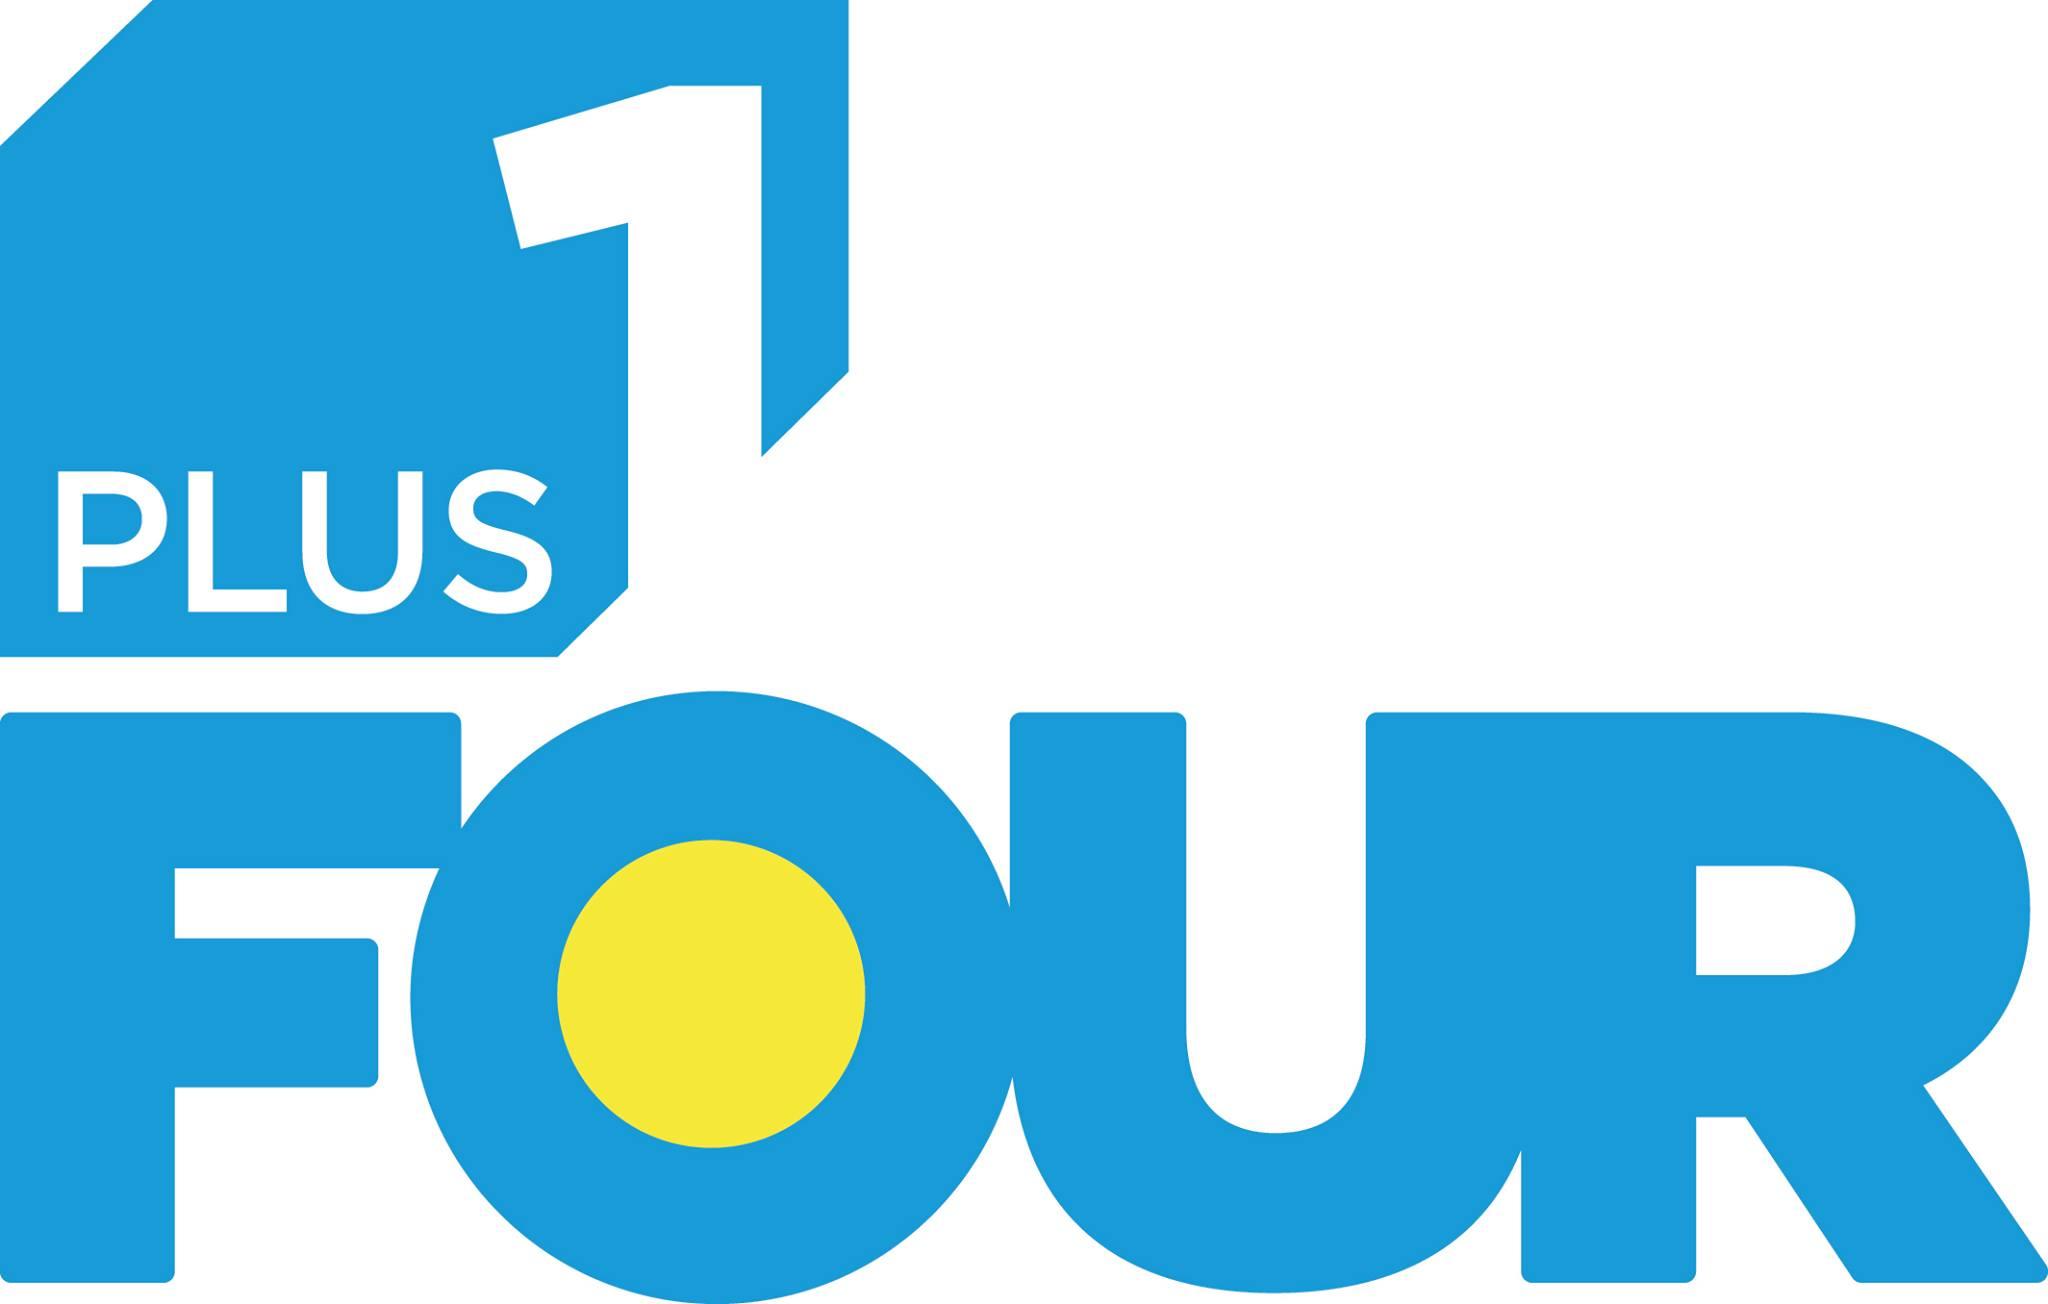 fourplusone